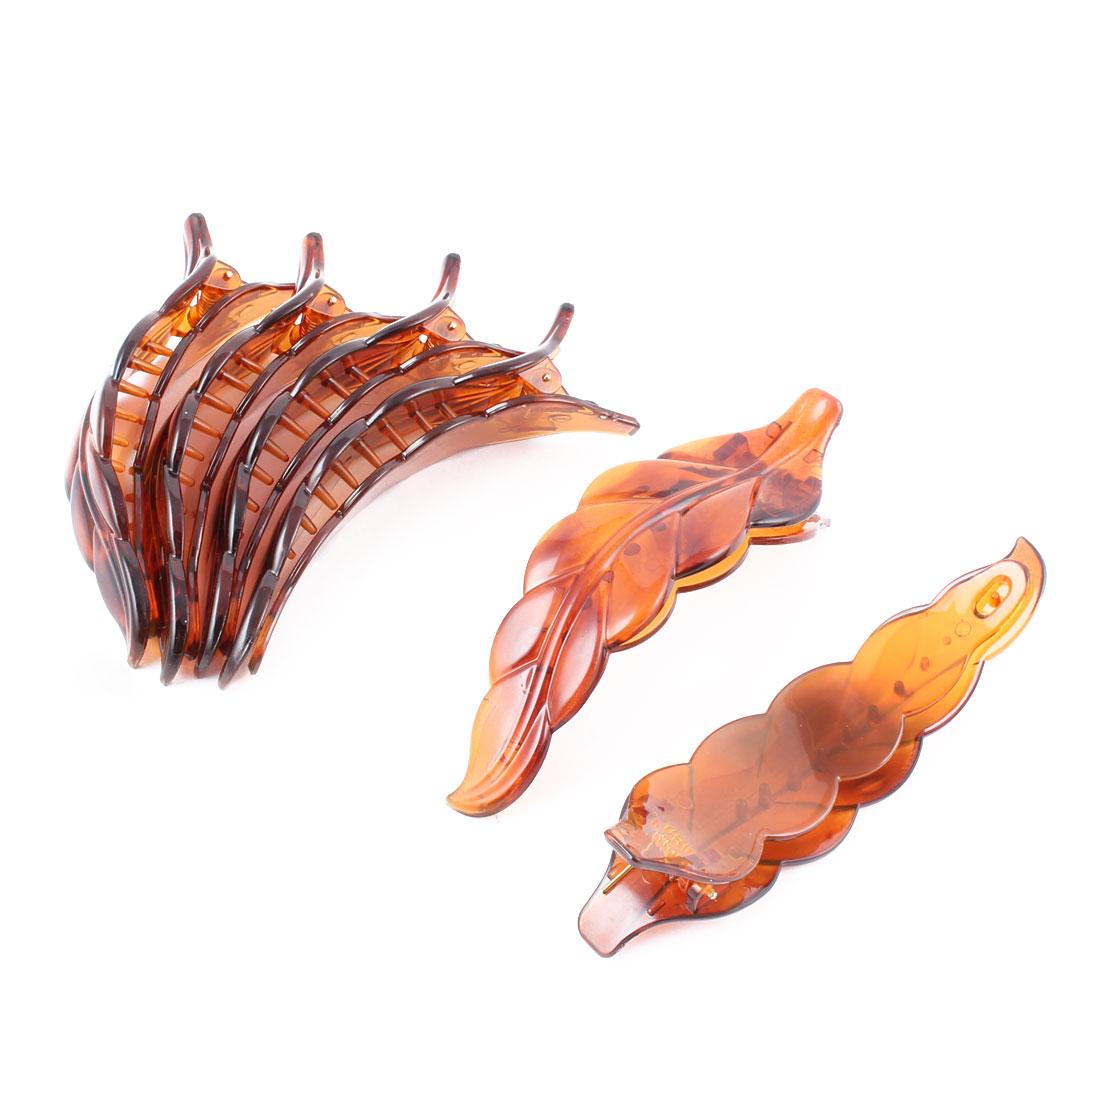 Unique BargainsWomen Plastic Leaf Shape Hairpin Beak Duckbill Clip Barrette Coffee Color 6 Pcs